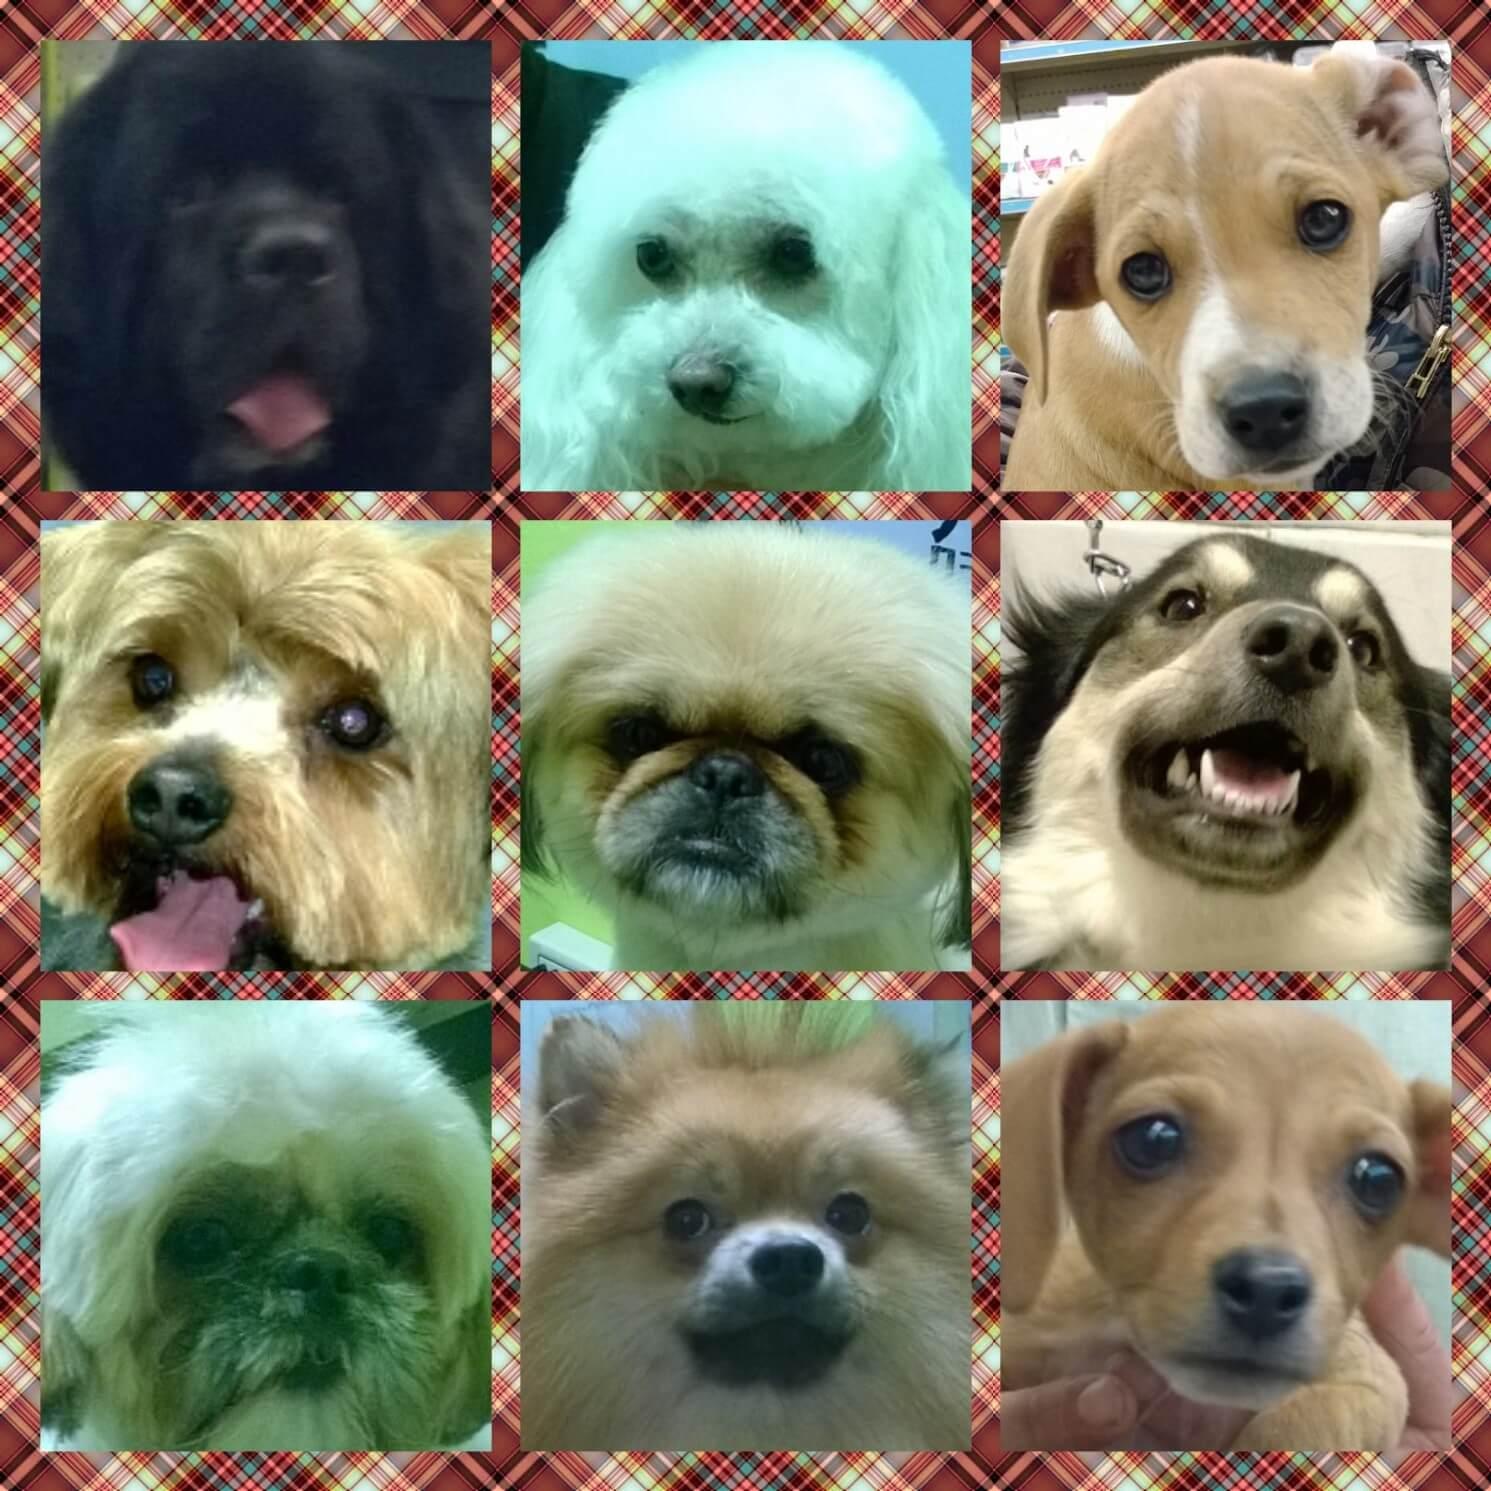 Altro collage di 9 cagnolini in primo piano.